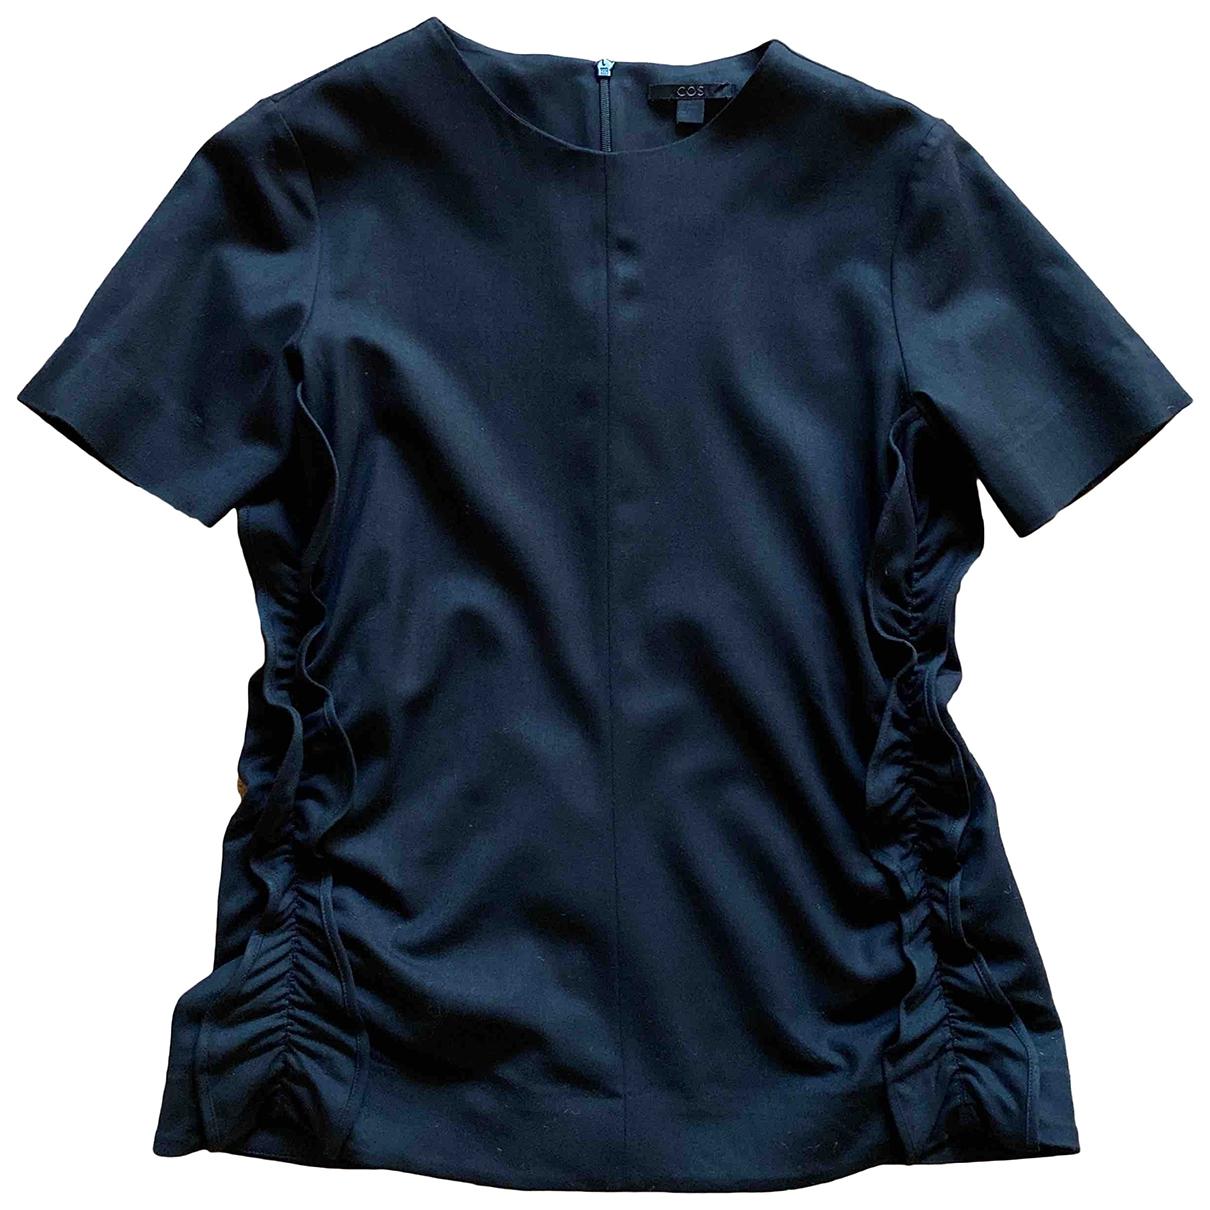 Cos \N Black Wool  top for Women 34 FR